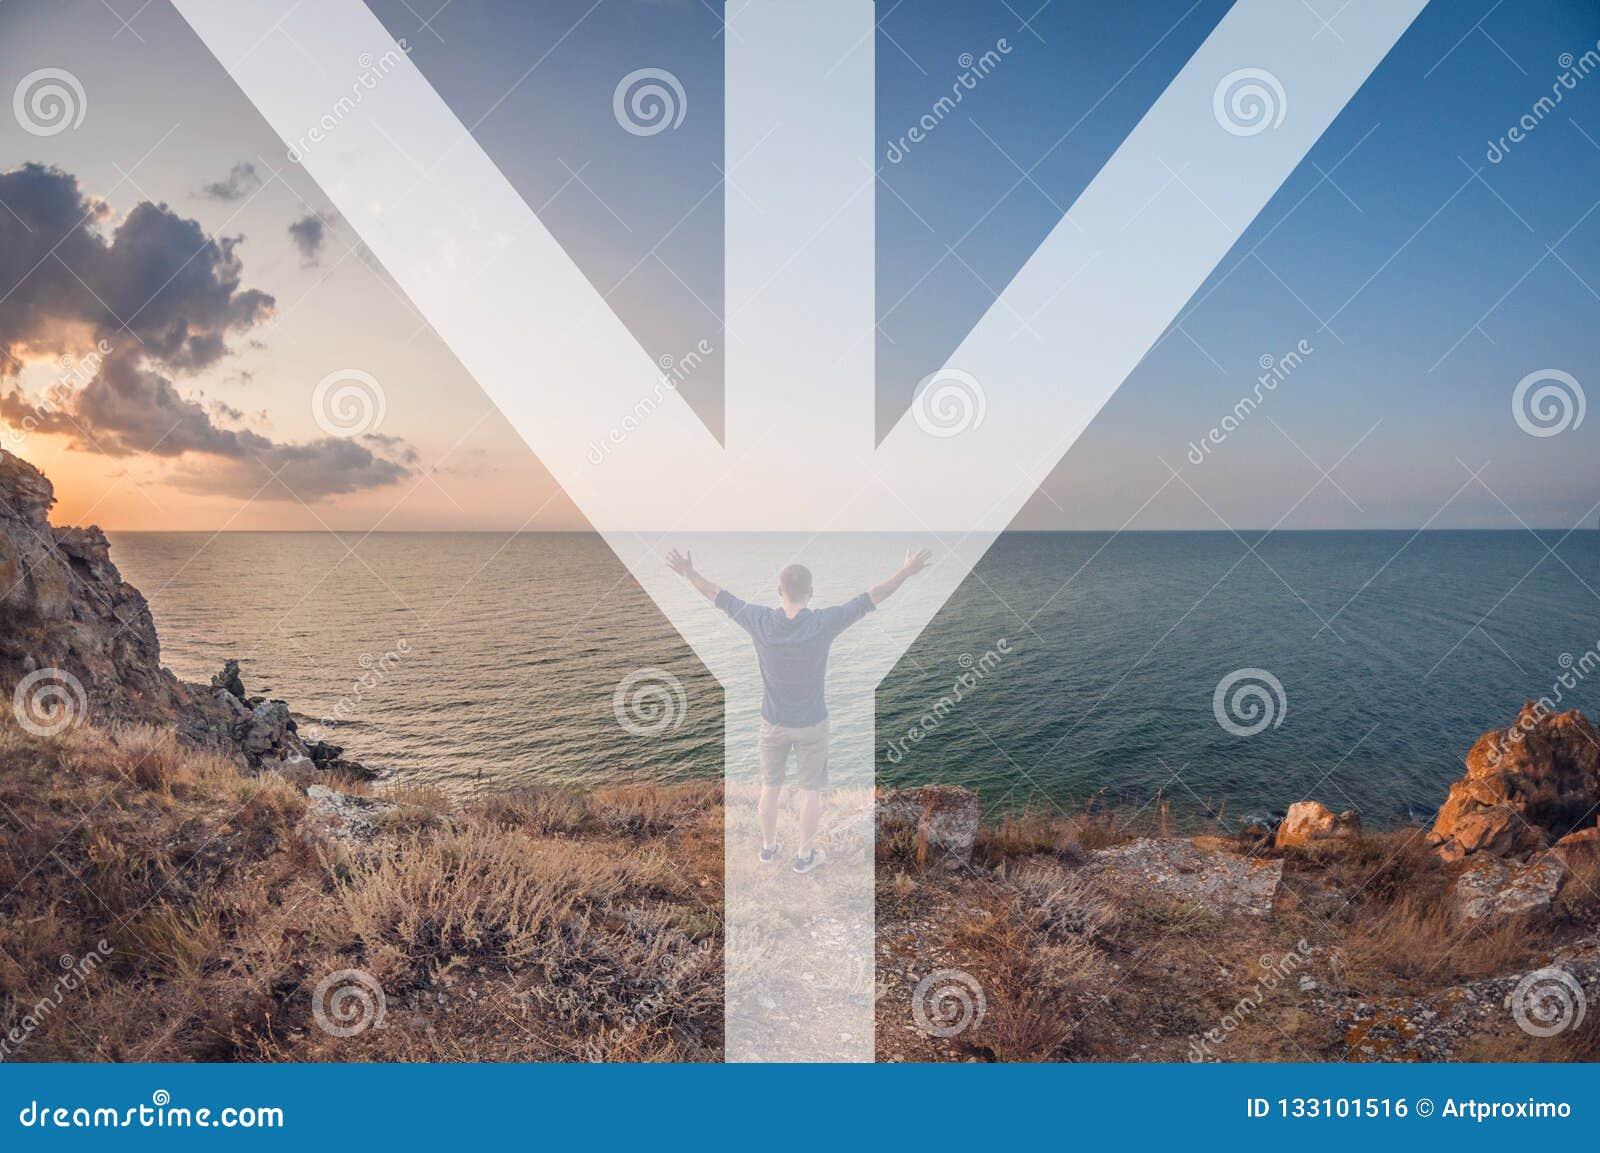 Der Mann symbolisiert die Rune von mannaz, der Mann sitzt auf dem Strand, Erstpersonenansicht, Türspionsverzerrung